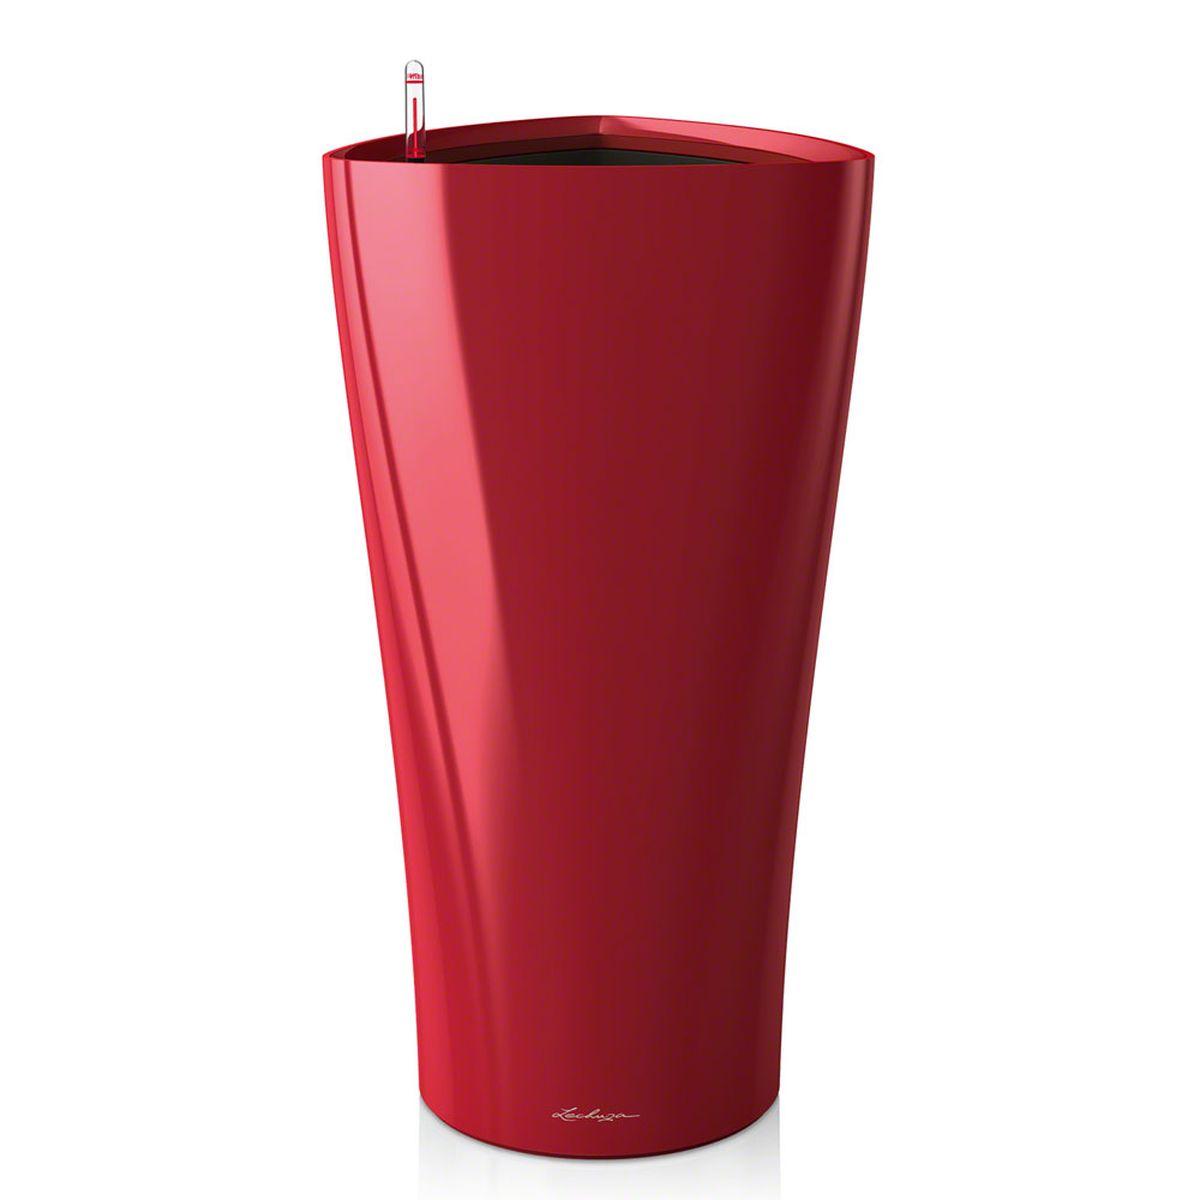 Кашпо Lechuza Delta, с системой автополива, цвет: красный, 40 х 40 х 75 смZ-0307Кашпо Lechuza Delta, выполненное из высококачественного пластика, имеет уникальную систему автополива, благодаря которой корневая система растения непрерывно снабжается влагой из резервуара. Уровень воды в резервуаре контролируется с помощью специального индикатора. В зависимости от размера кашпо и растения воды хватает на 2-12 недель. Это способствует хорошему росту цветов и предотвращает переувлажнение.В набор входит: кашпо, внутренний горшок, индикатор уровня воды, резервуар для воды. Внутренний горшок, оснащенный выдвижными ручками, обеспечивает:- легкую переноску даже высоких растений;- легкую смену растений;- можно также просто убрать растения на зиму;- винт в днище позволяет стечь излишней дождевой воде наружу.Кашпо Lechuza Delta прекрасно впишется в интерьер больших холлов, террас ресторанов и уютных гостиных. Изделие поможет расставить нужные акценты и придаст помещению вид, соответствующий вашим представлениям.